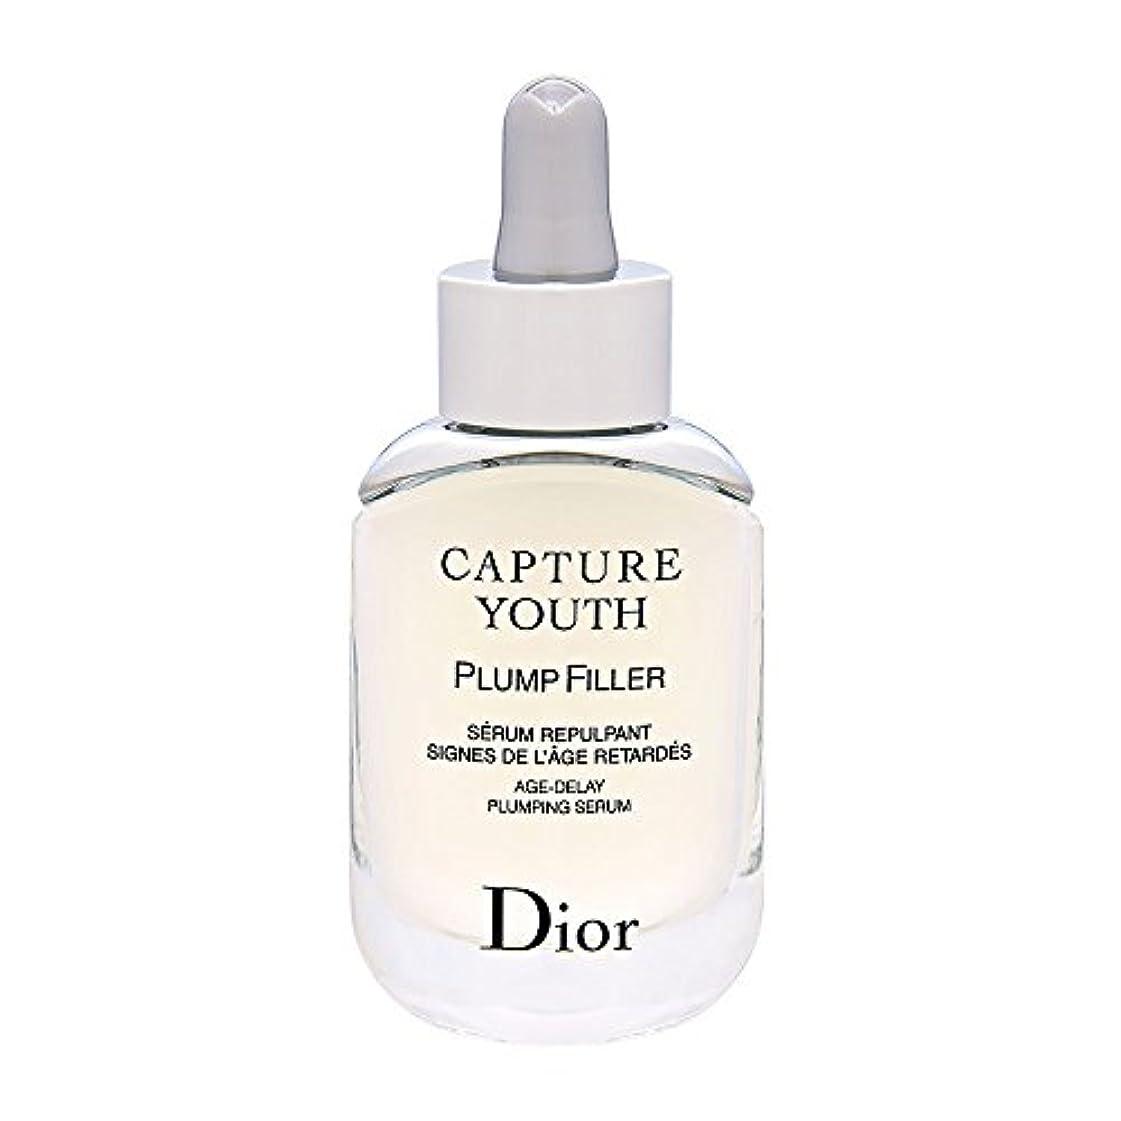 数学壁アンペアクリスチャンディオール Christian Dior カプチュール ユース プランプフィラー 30mL [並行輸入品]